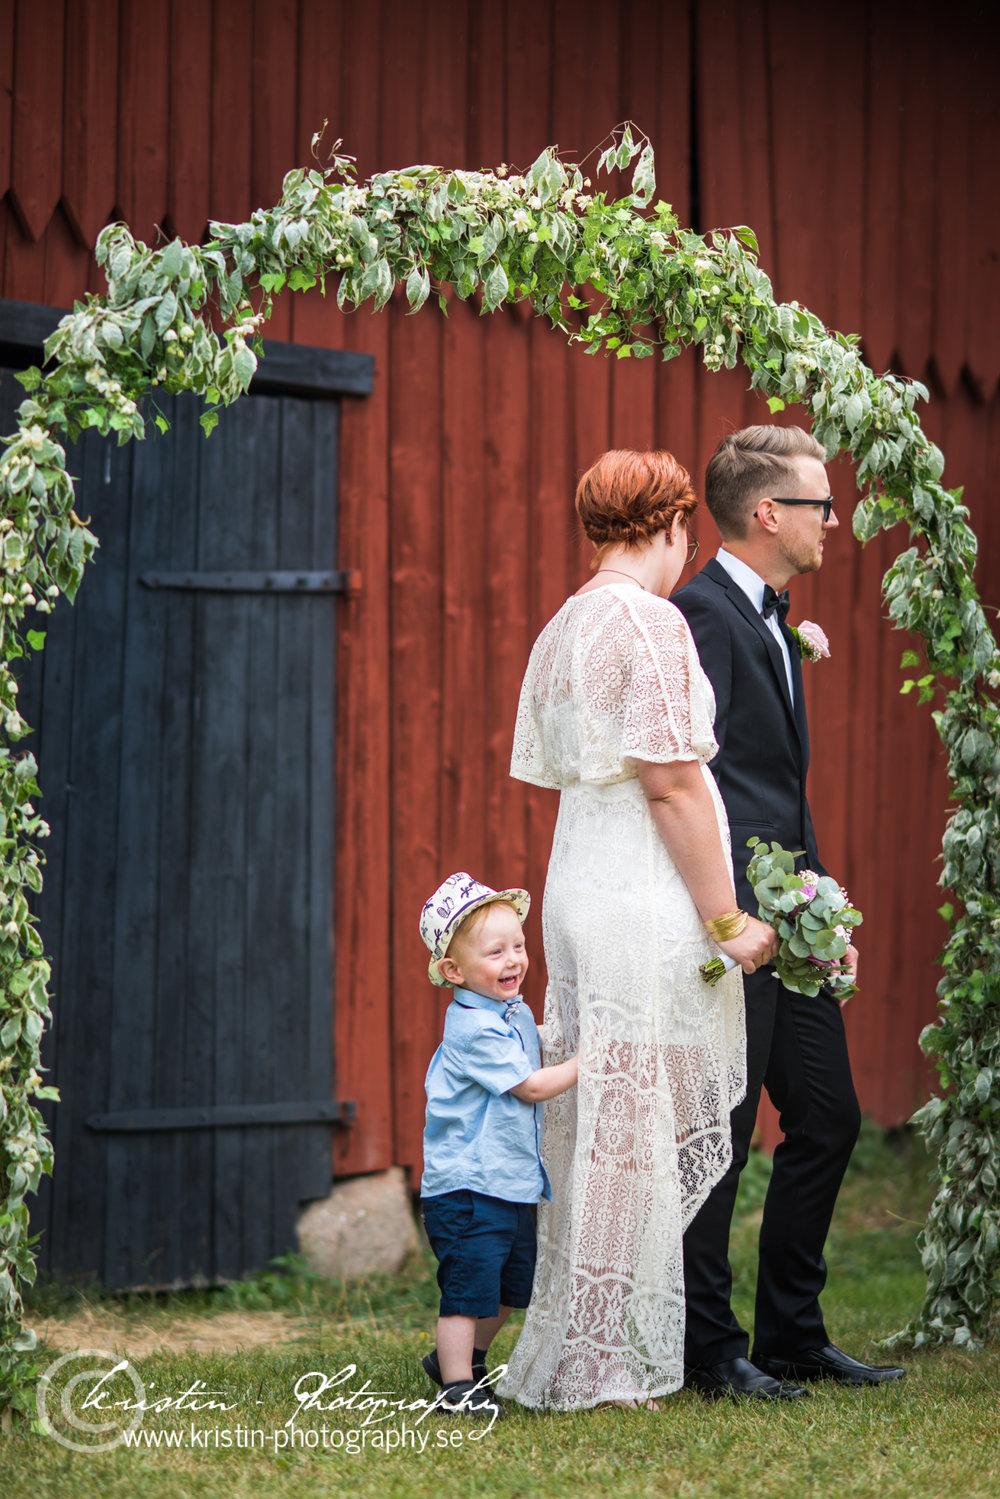 Bröllopsfotograf i Eskilstuna, Kristin - Photography, newborn-101.jpg